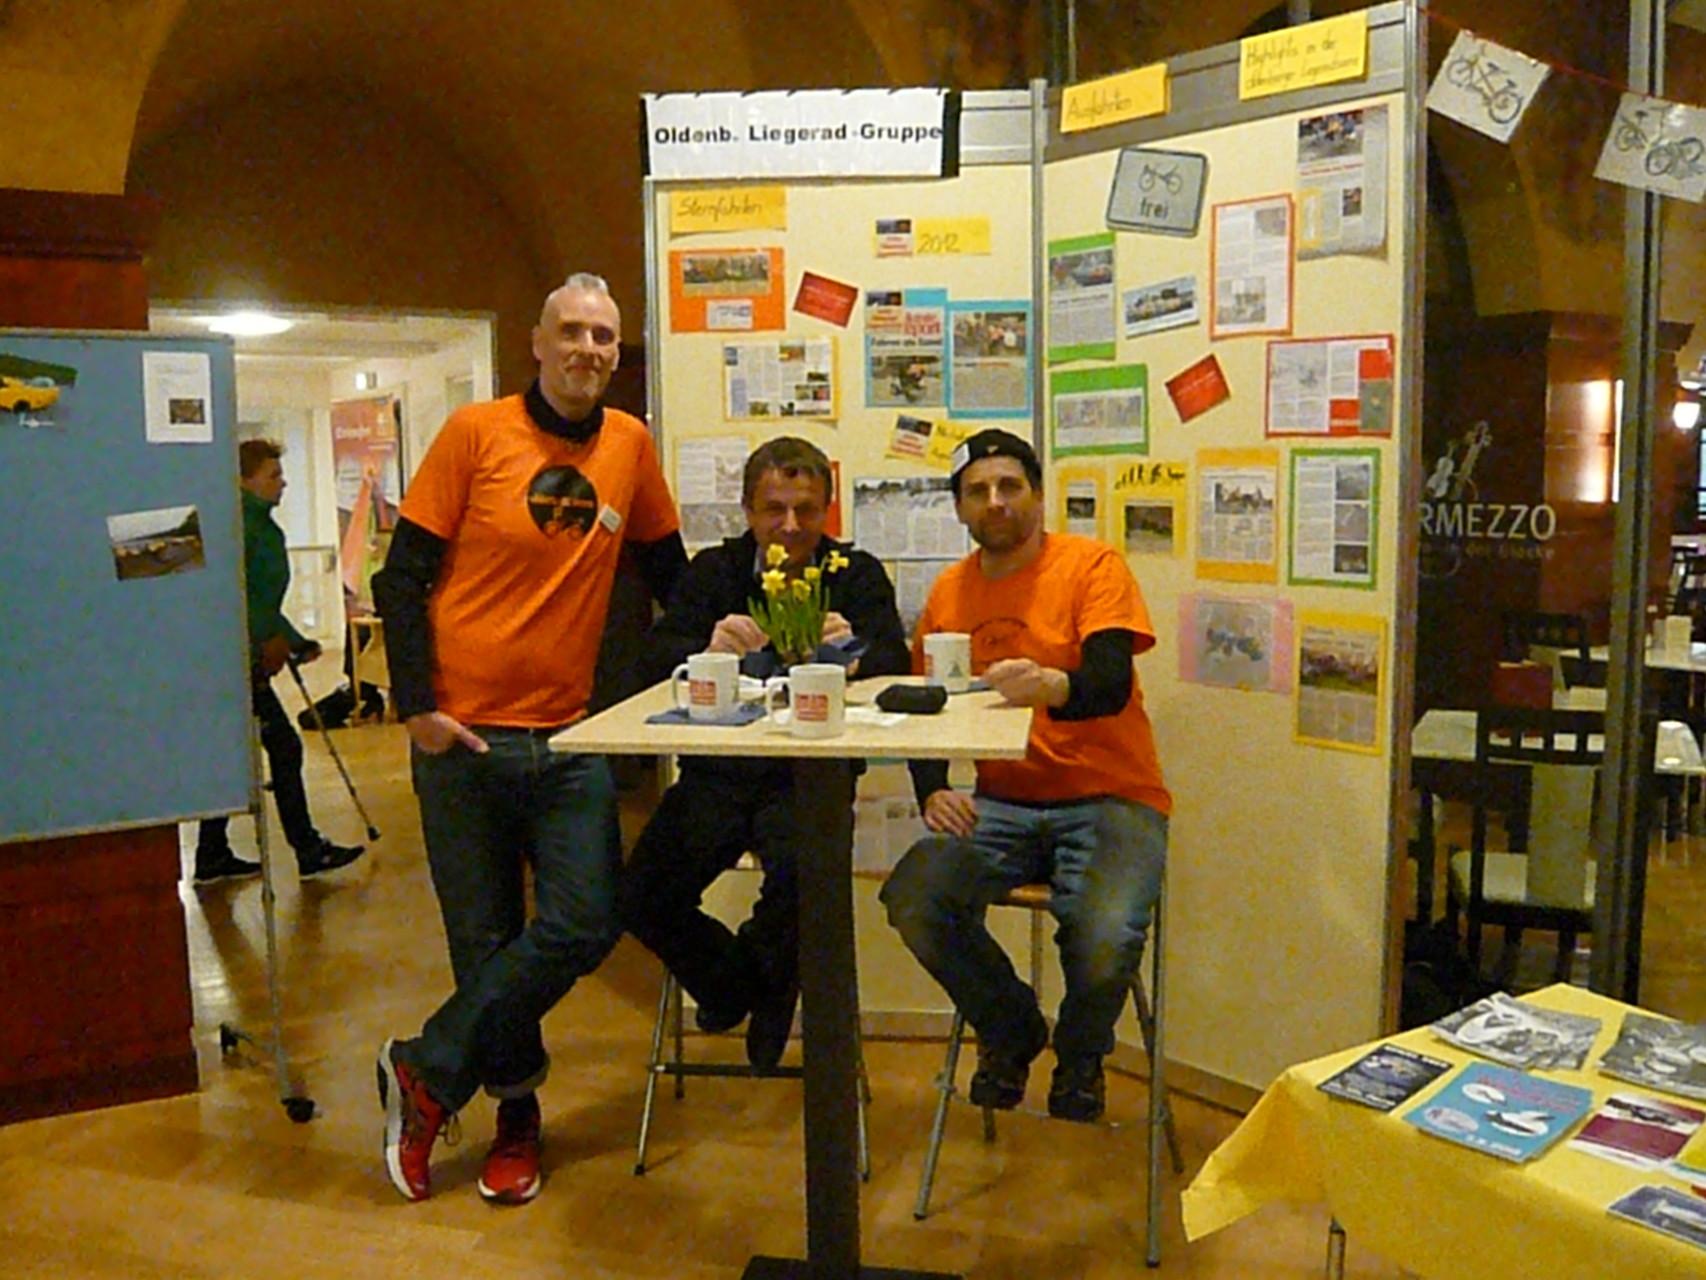 Das mänliche Expertenteam von links nach rechts: Sven aus Hannover, Wolfgang aus Bremen und Dieter aus Oldenburg. Habt ihr eine Fage?